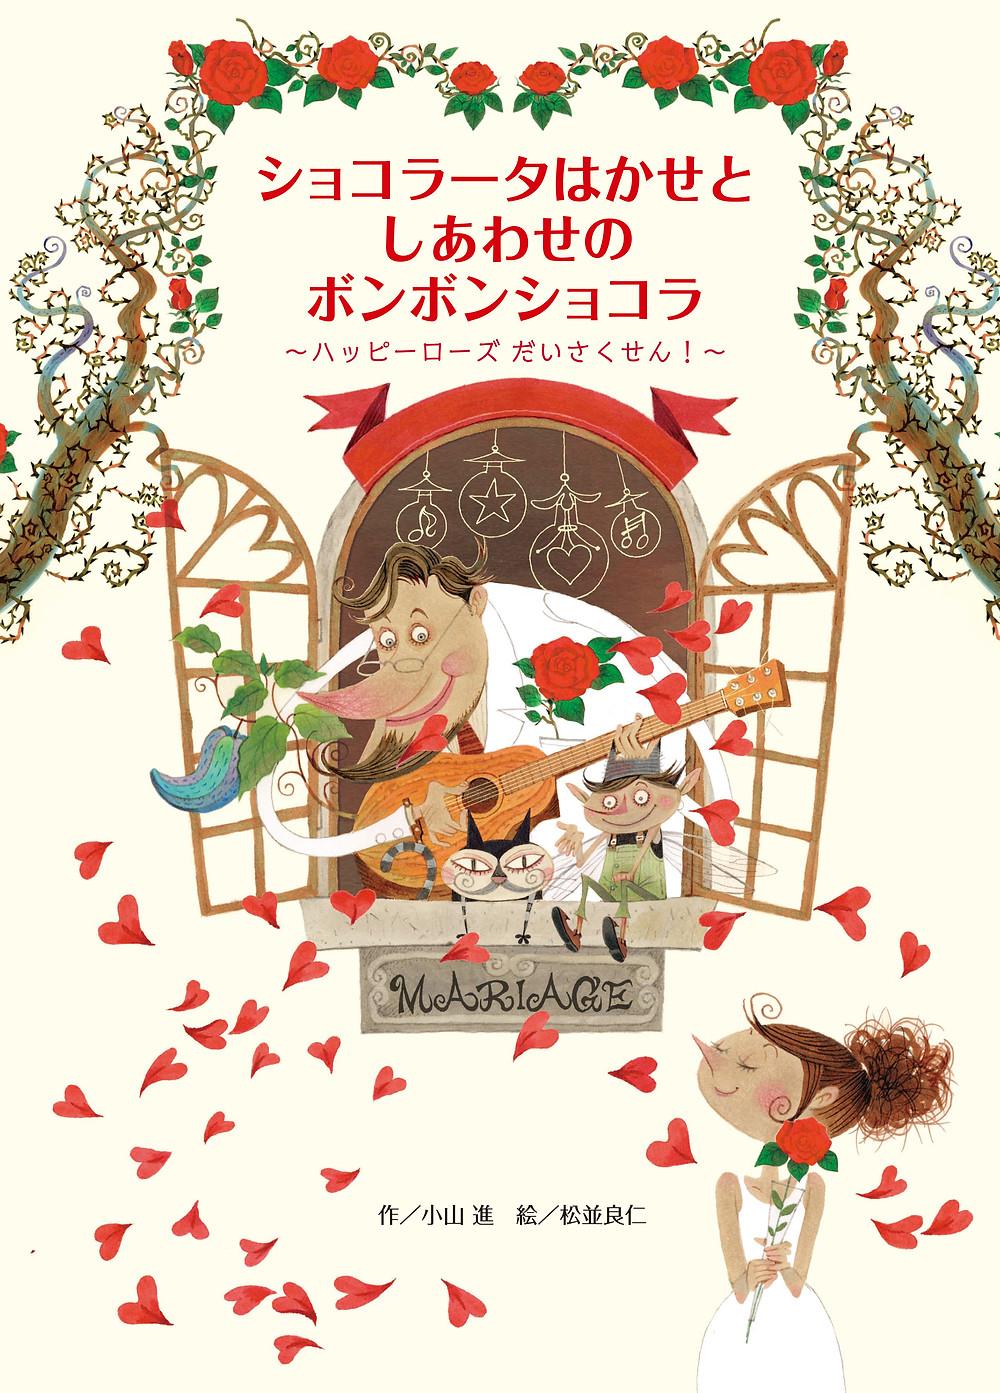 エスコヤマ小山進の絵本第3弾『ショコラータはかせとしあわせのボンボンショコラ~ハッピーローズ だいさくせん!~』が12月19日より発売